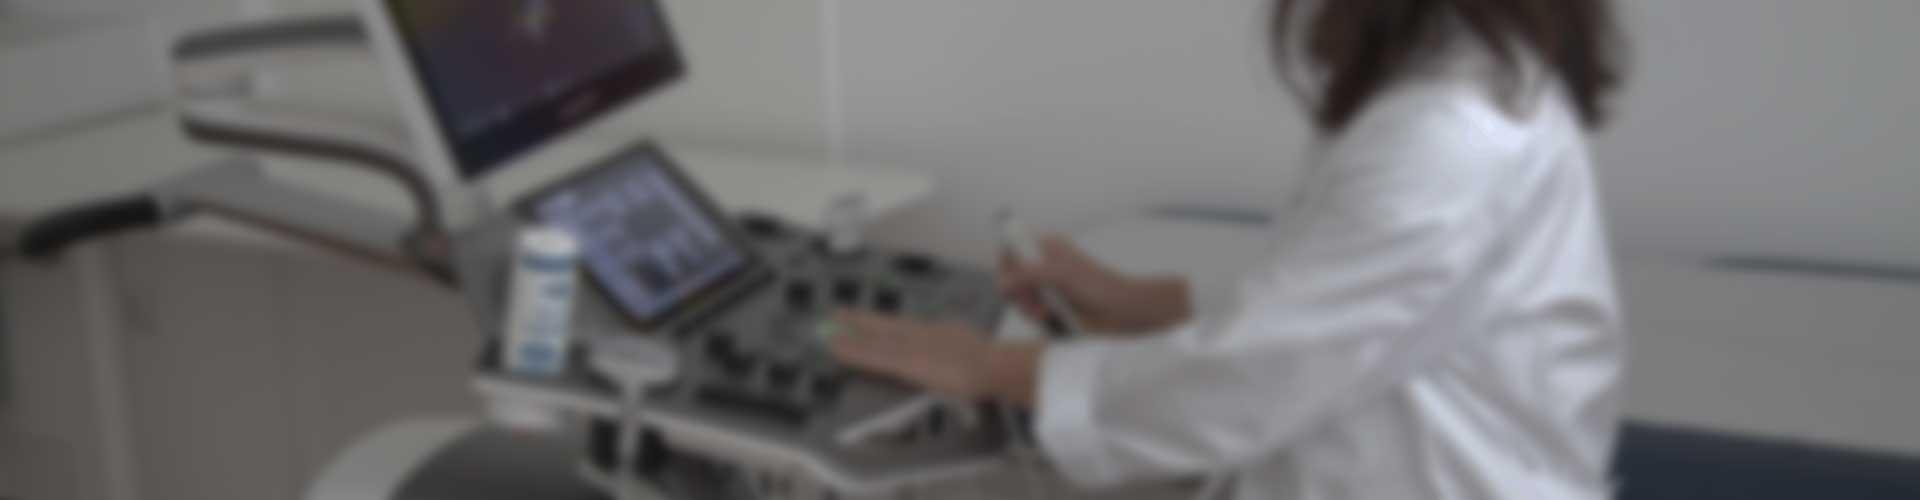 Ultraschall-Kurse Wien - Sonographie-Training - aus der Praxis, für die Praxis